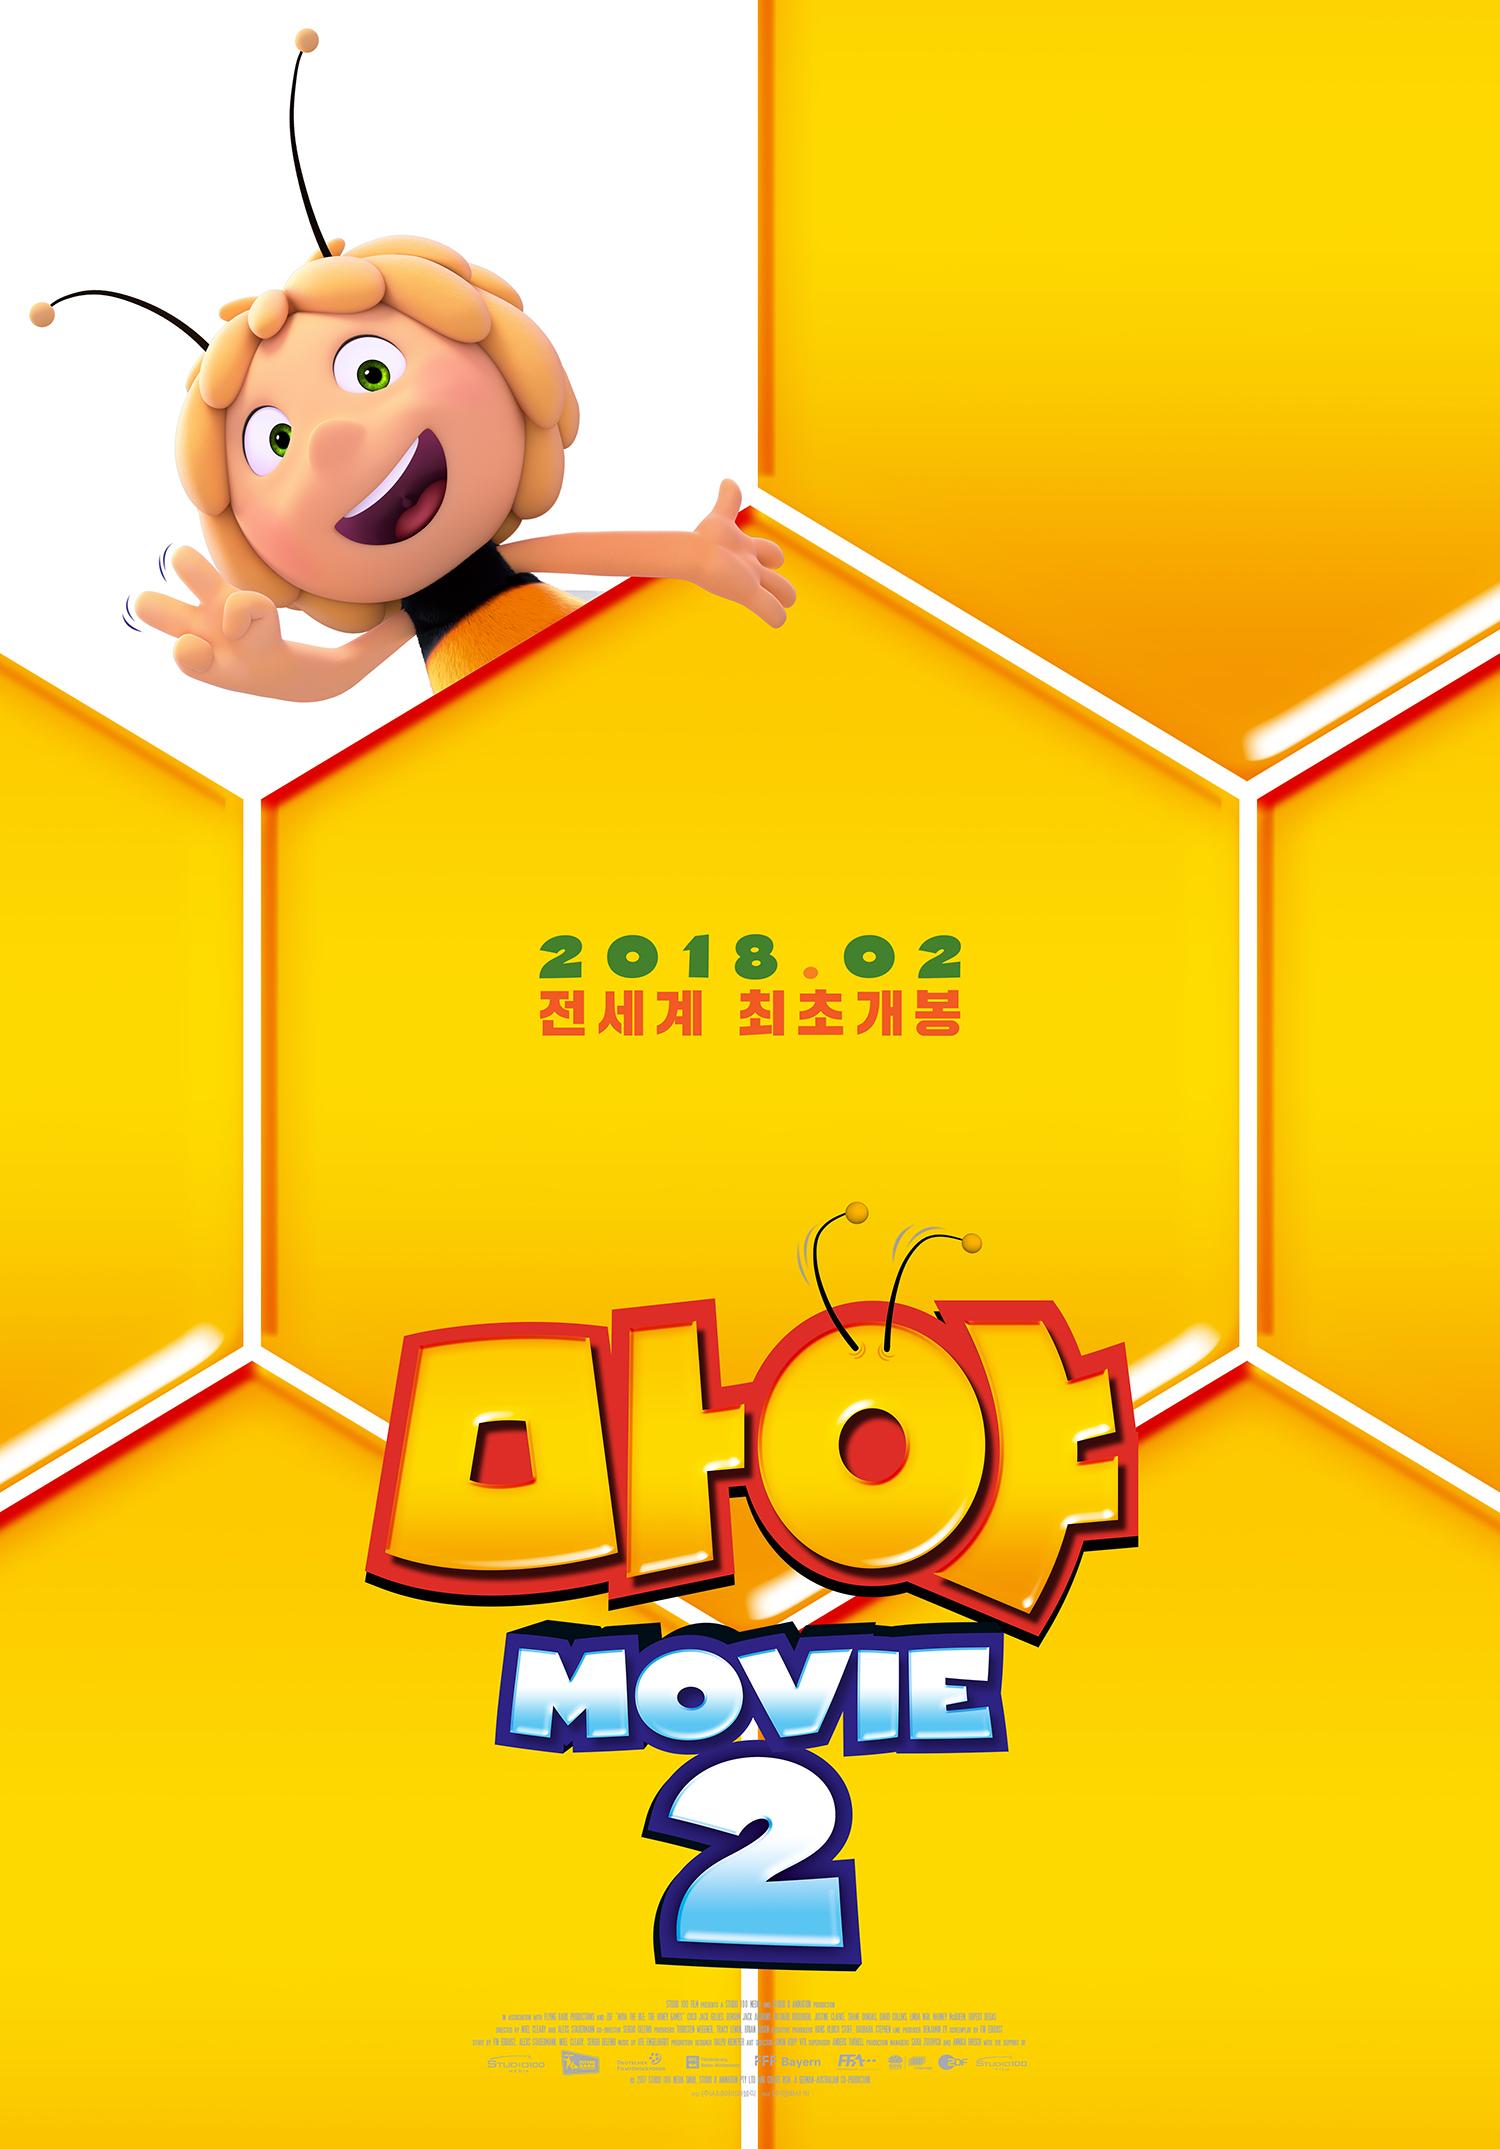 세계에서 가장 유명한 꿀벌의 귀환! <마야2> 티저 포스터 공개!